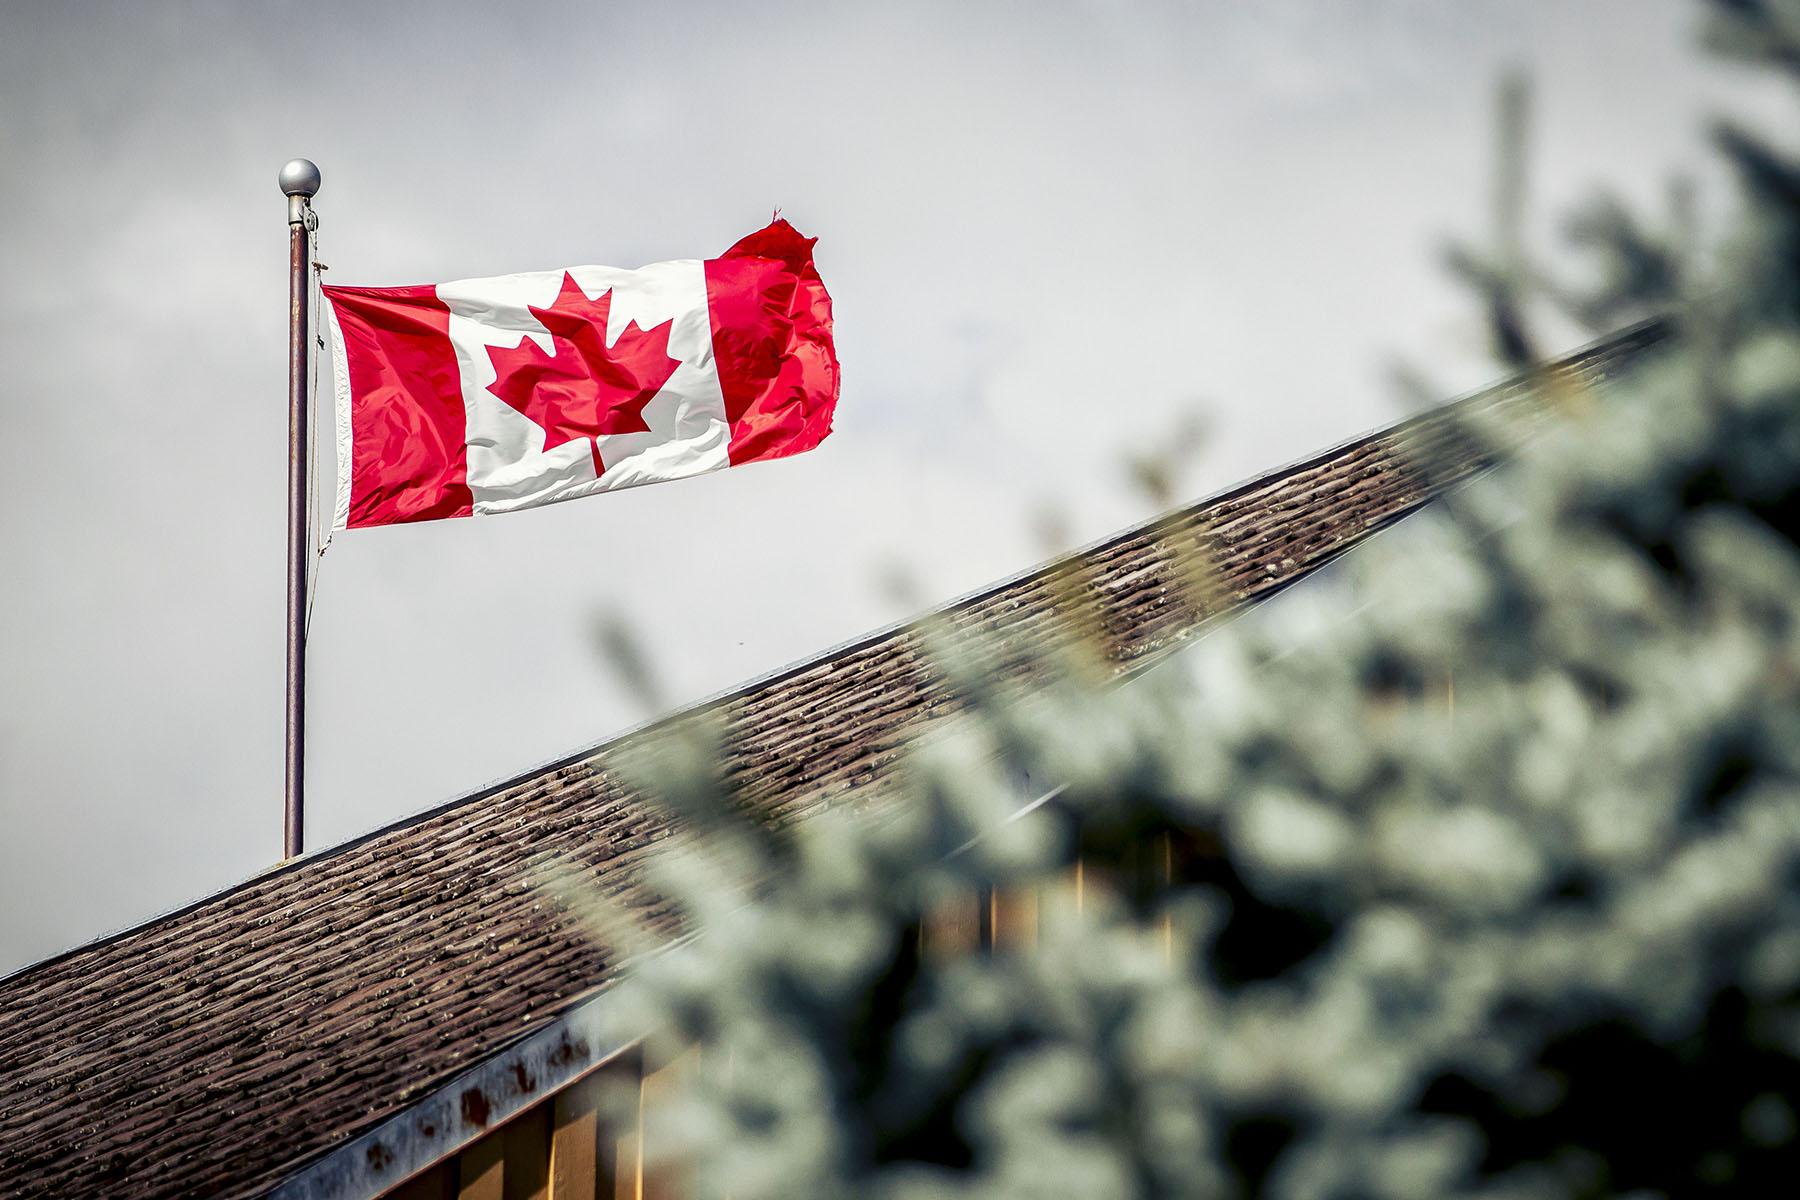 Die kanadische Flagge thronte über dem Rennen!